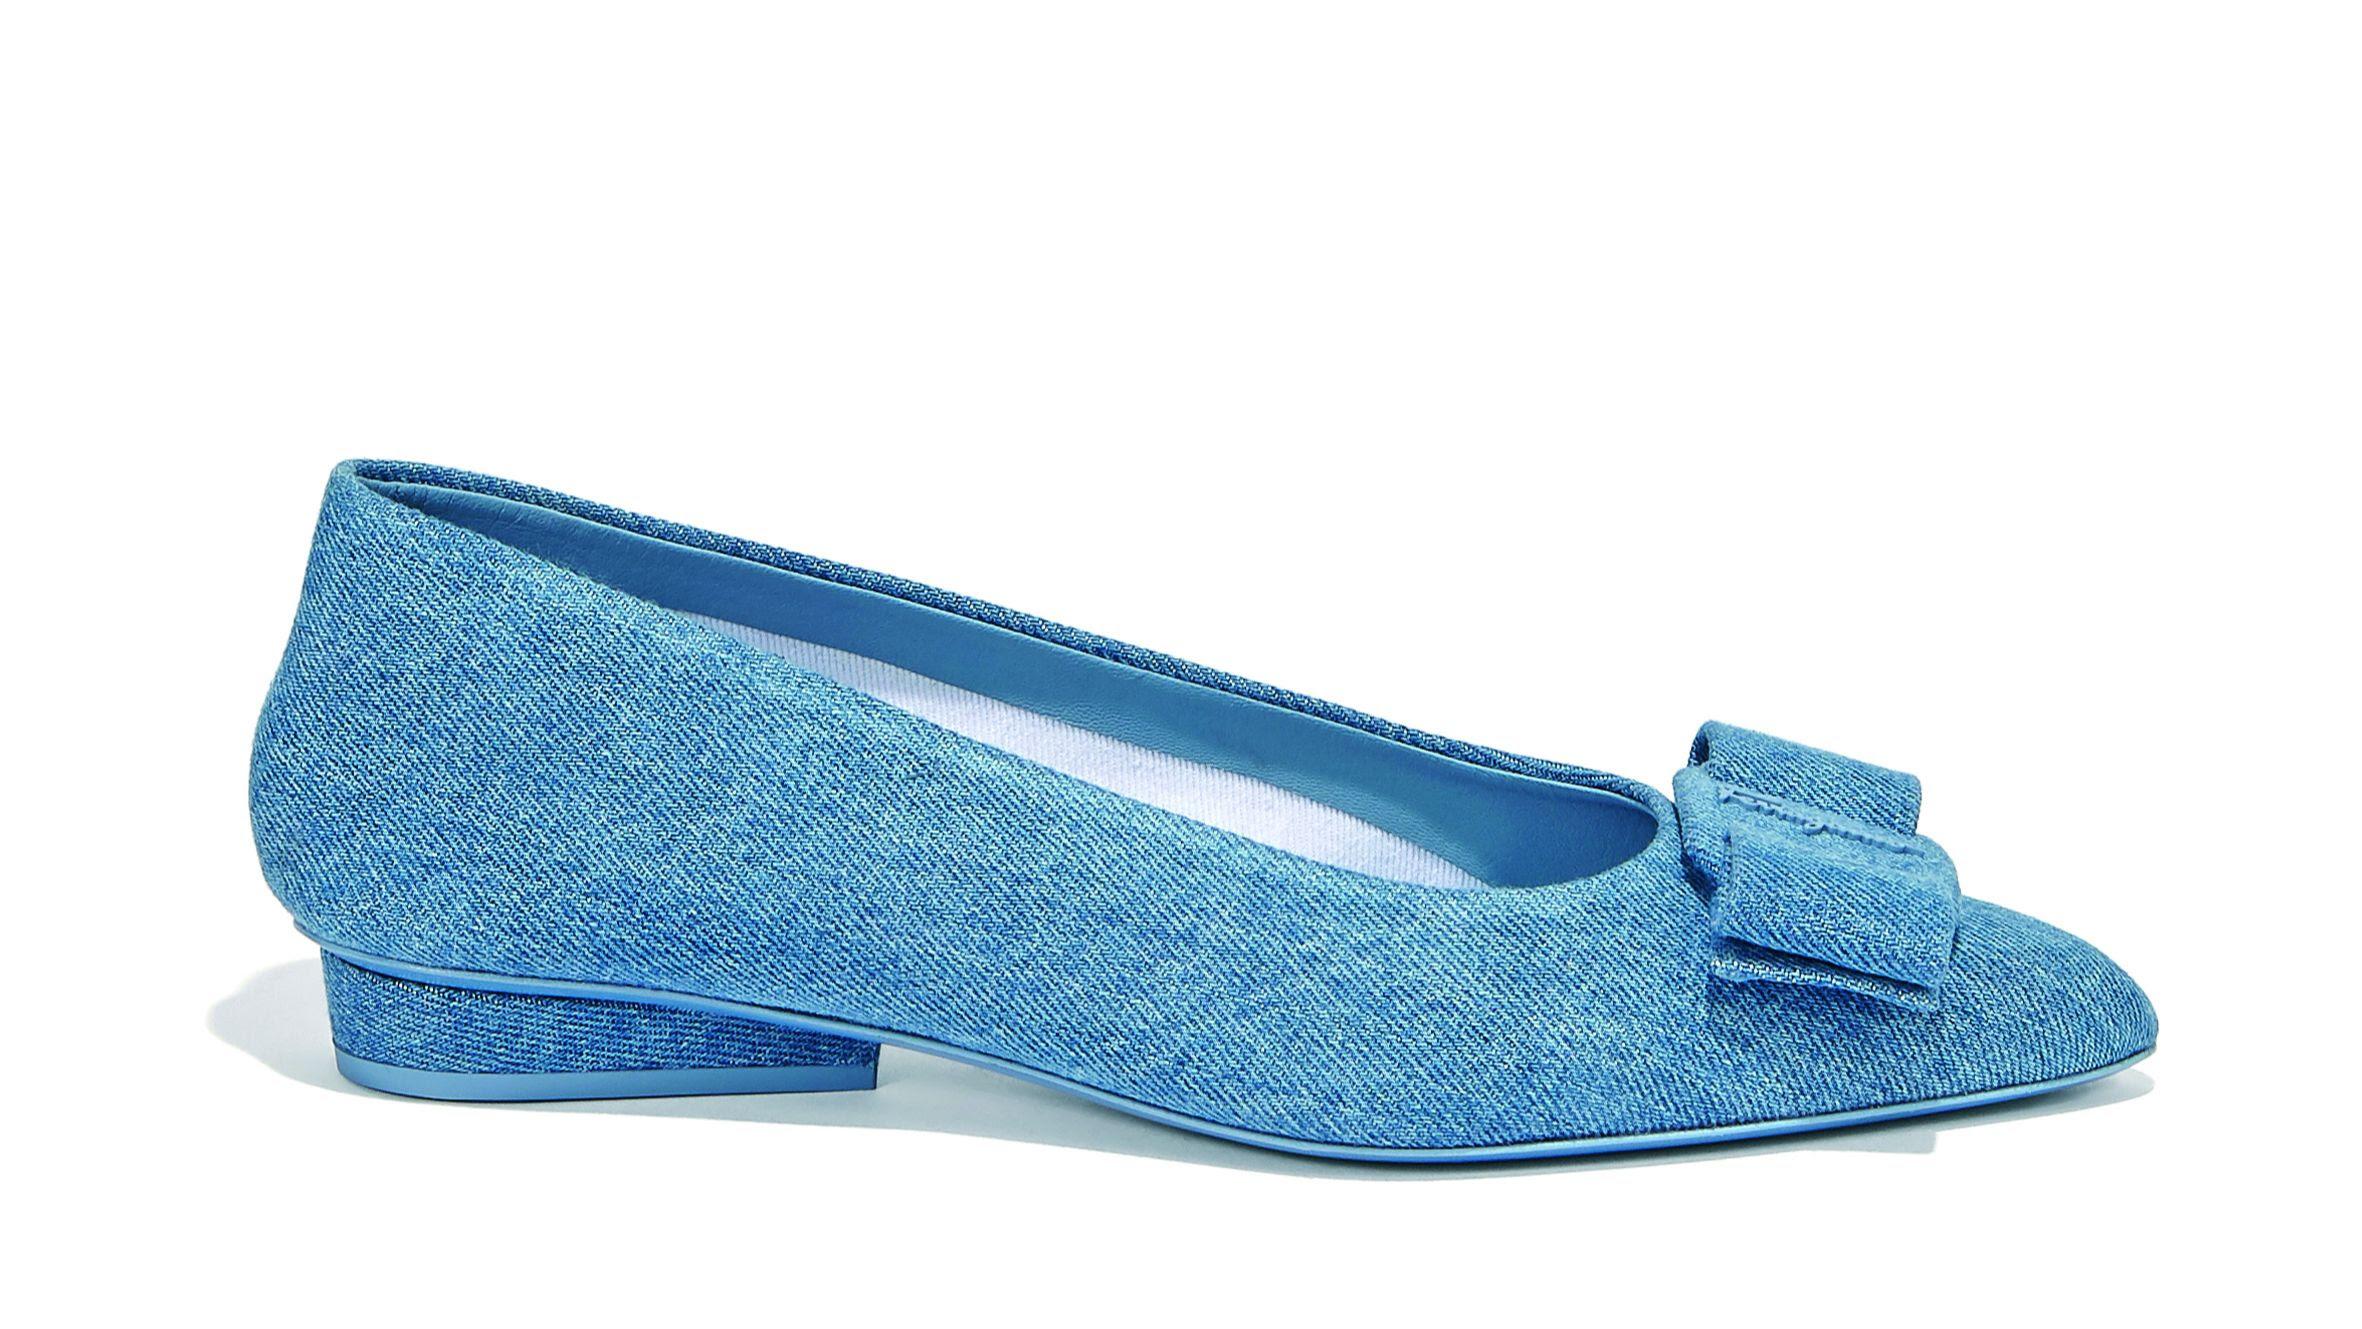 abf15ca6 db26 444a 9f1e 1b89219ff682 - Salvatore Ferragamo presenta la campaña del zapato 'VIVA'